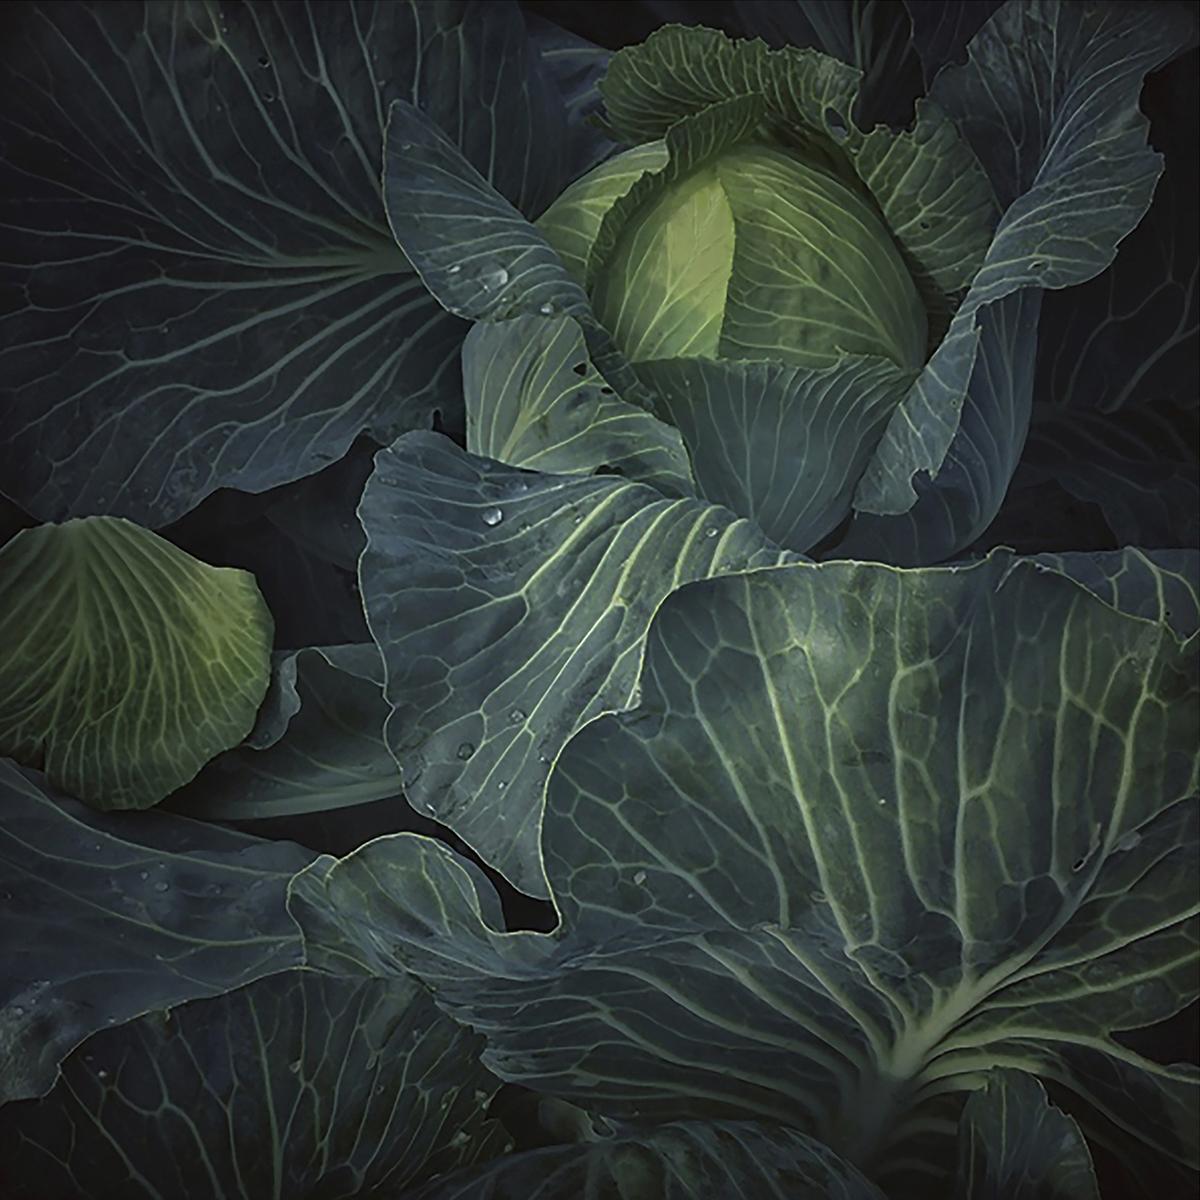 © Pernille Tofte Titel: The Cabbage Bildmått: 23 x 23 cm Teknik: Arkivbeständig pigmentbläckutskrift Montering: Träram med passepartout 40x40 cm Upplaga: 15, signerad Pris: SEK 3 900